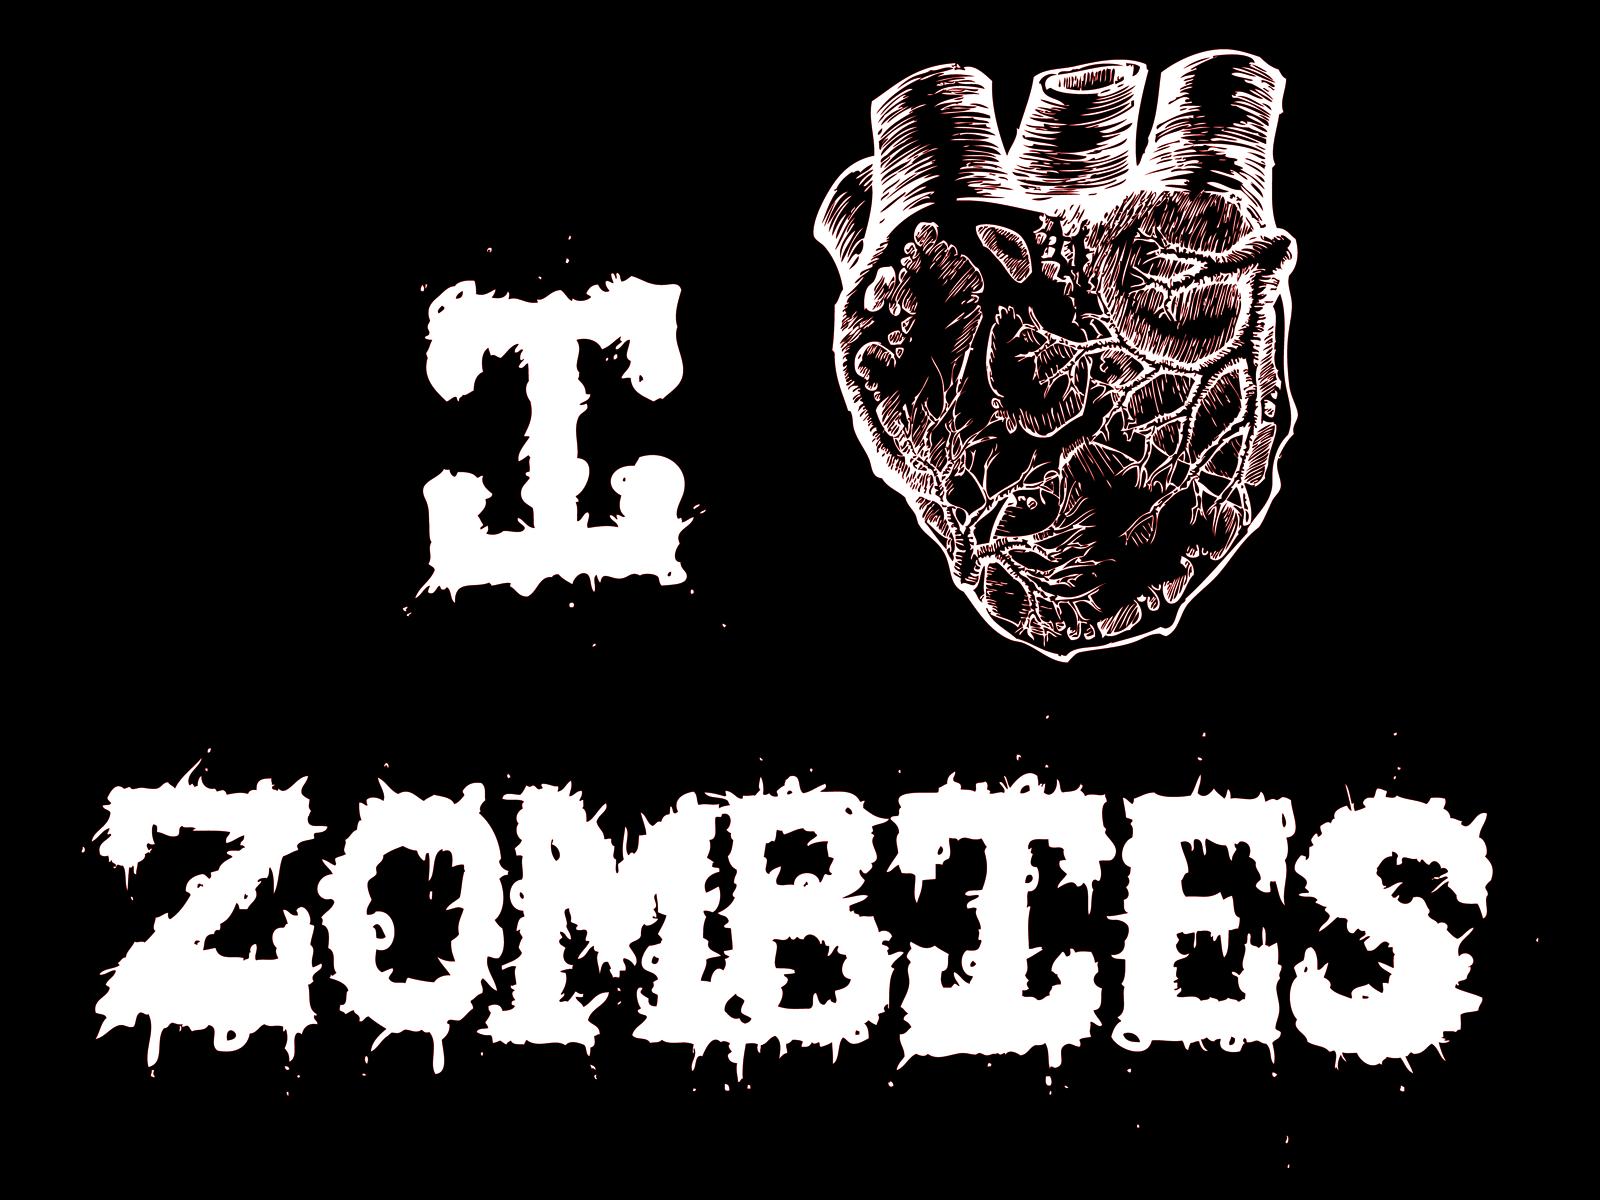 http://4.bp.blogspot.com/-j2eLE-k1NBc/Tilv0f3HhGI/AAAAAAAAGXQ/TvH5Hv3UXsg/s1600/horror-pictures-zombie-3.png